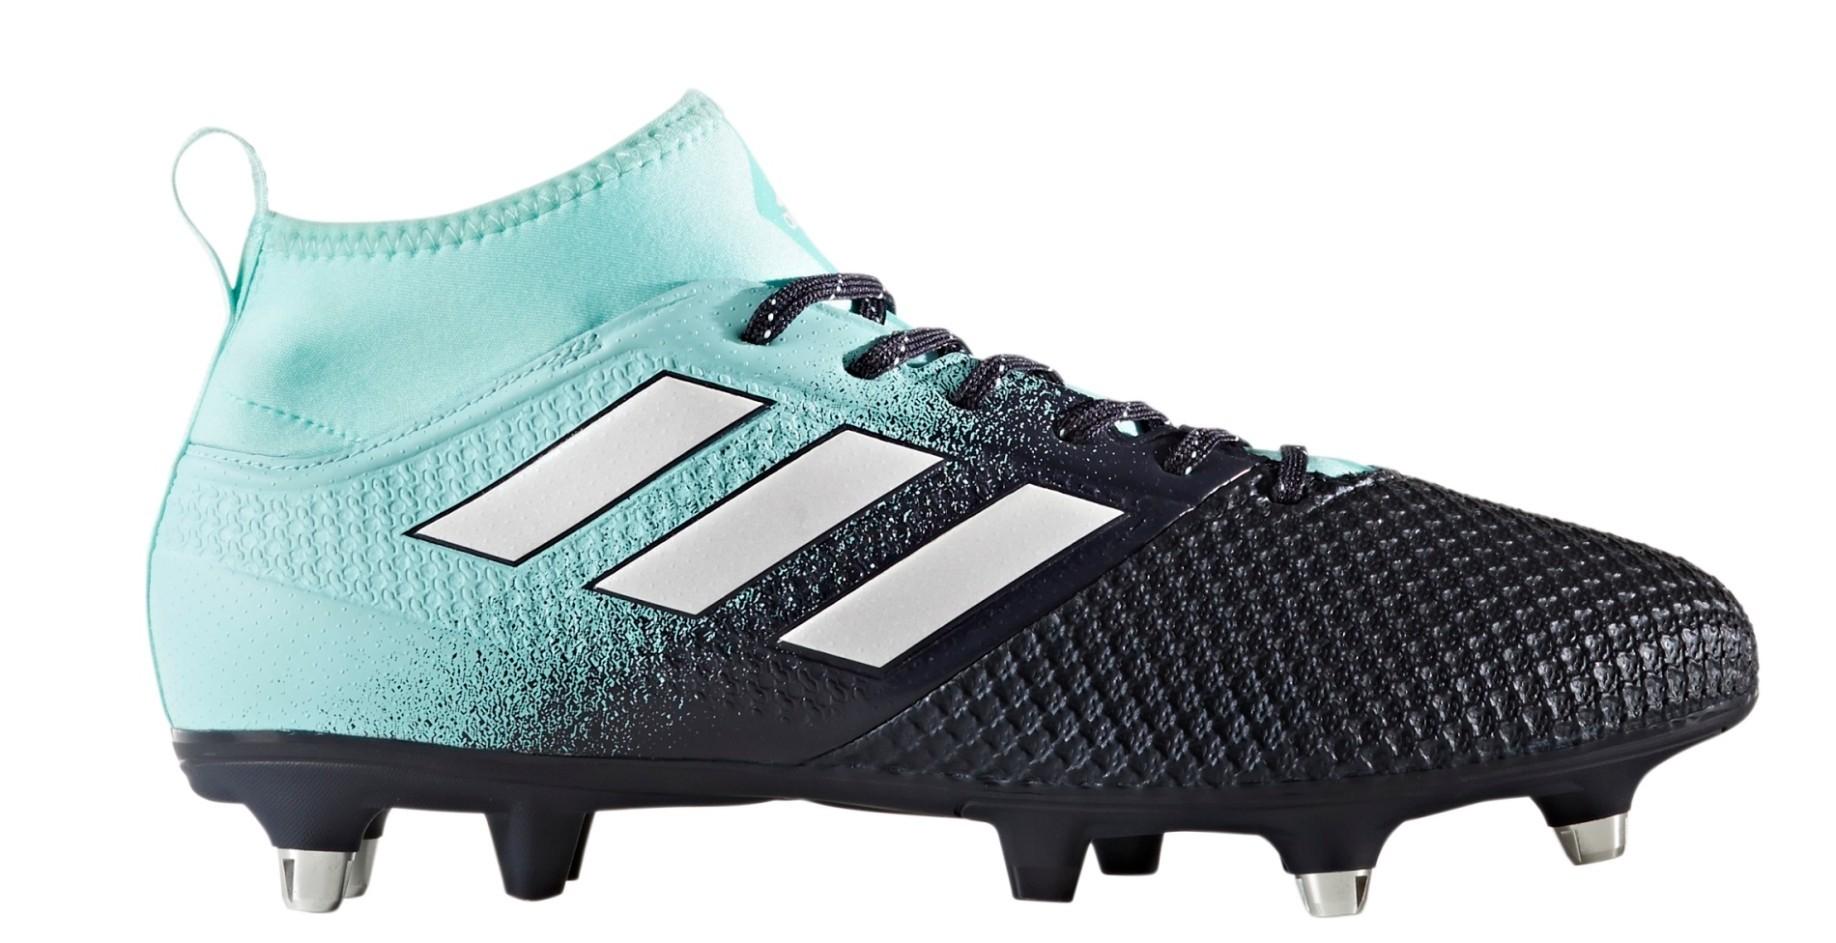 Botas de fútbol Adidas X 17.3 SG Océano Tormenta Pack